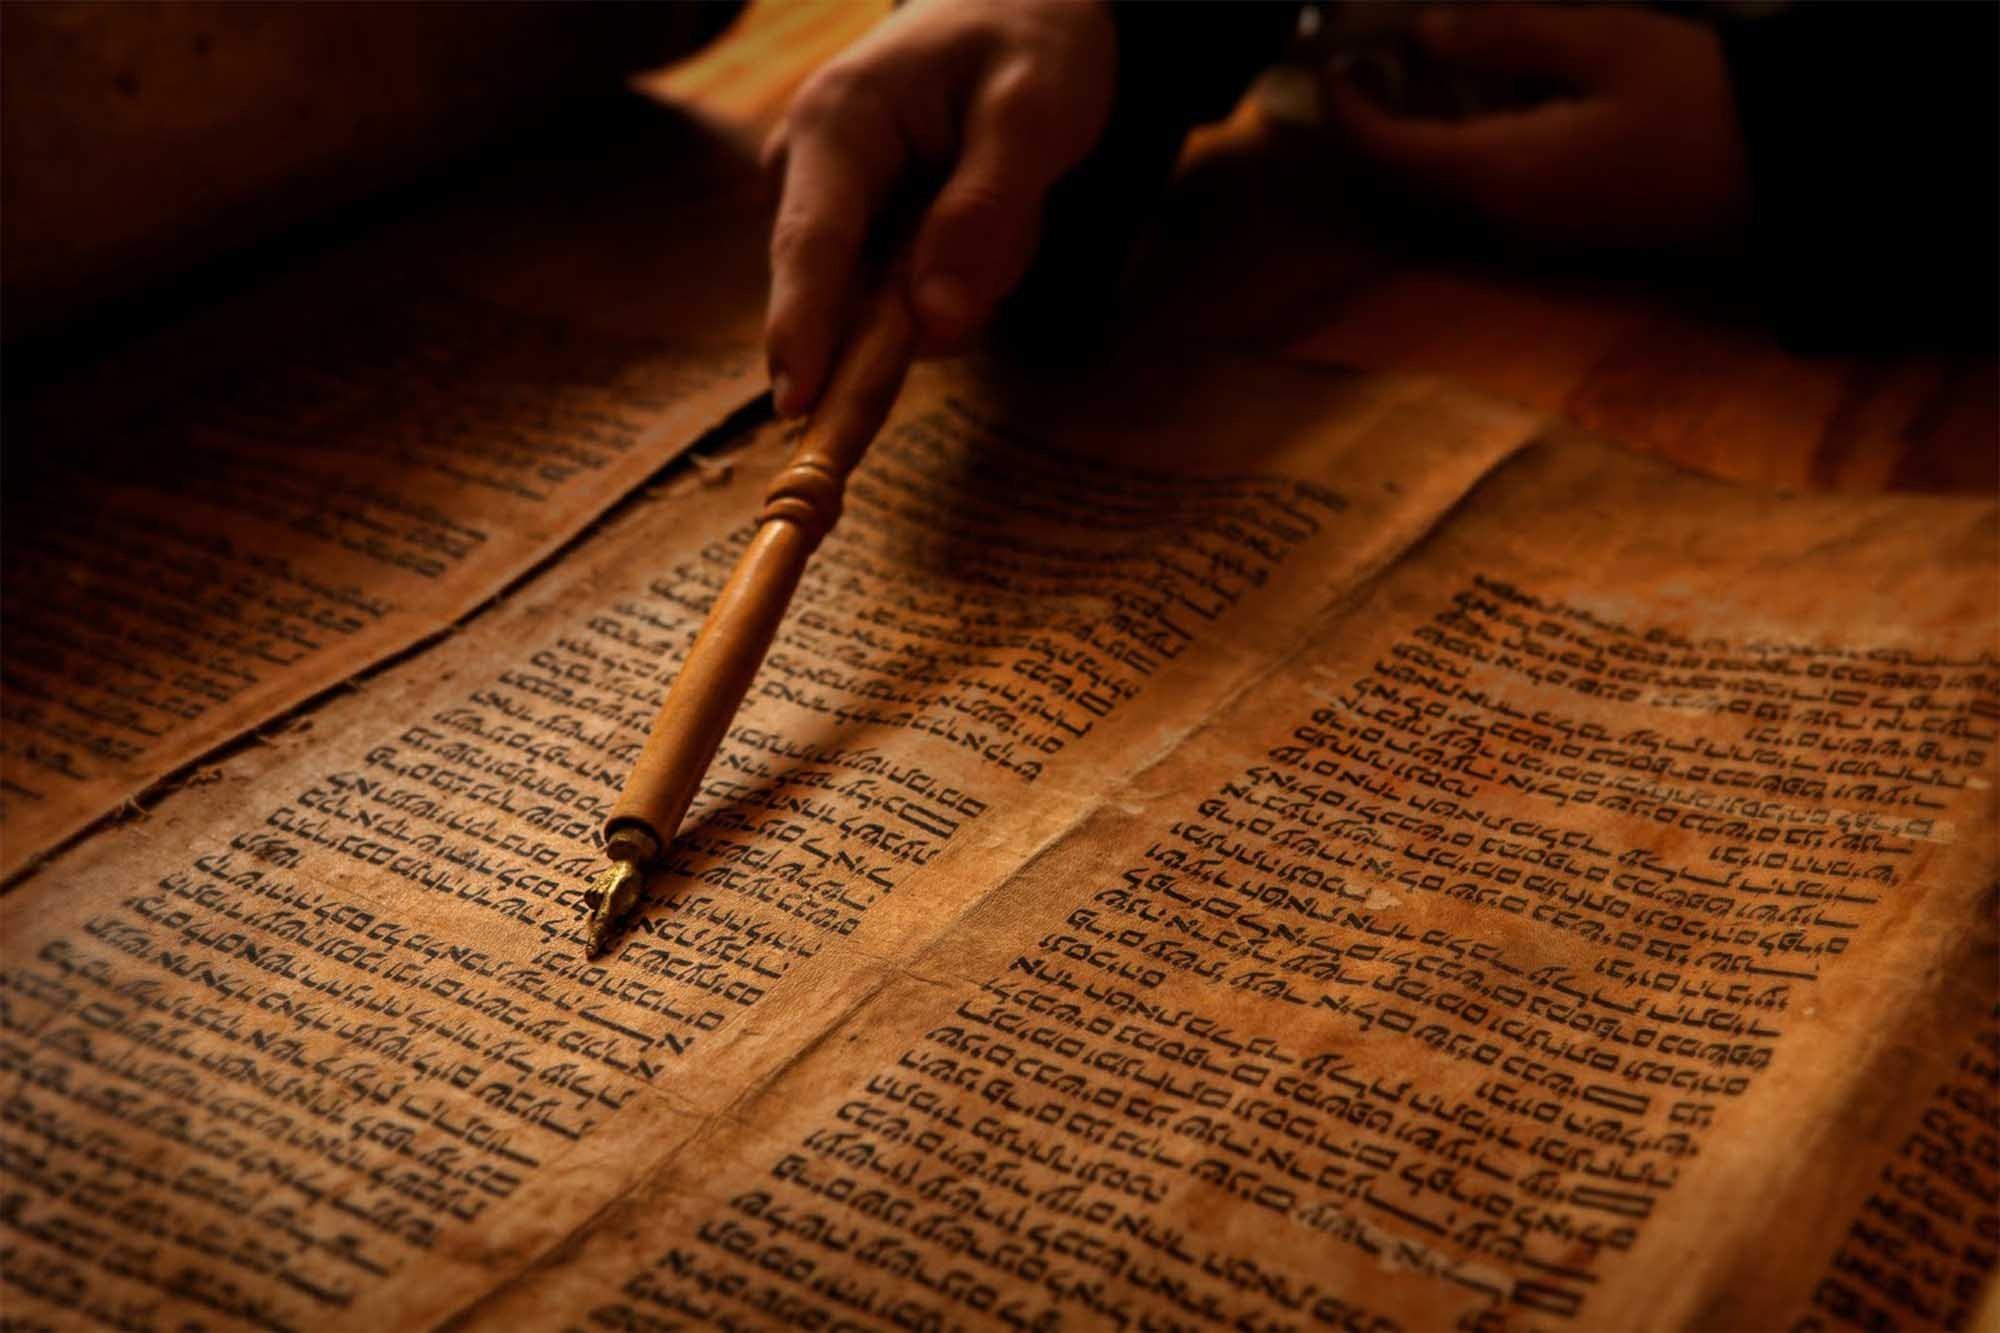 Внутри трехсотлетней статуи Христа отыскали письмо